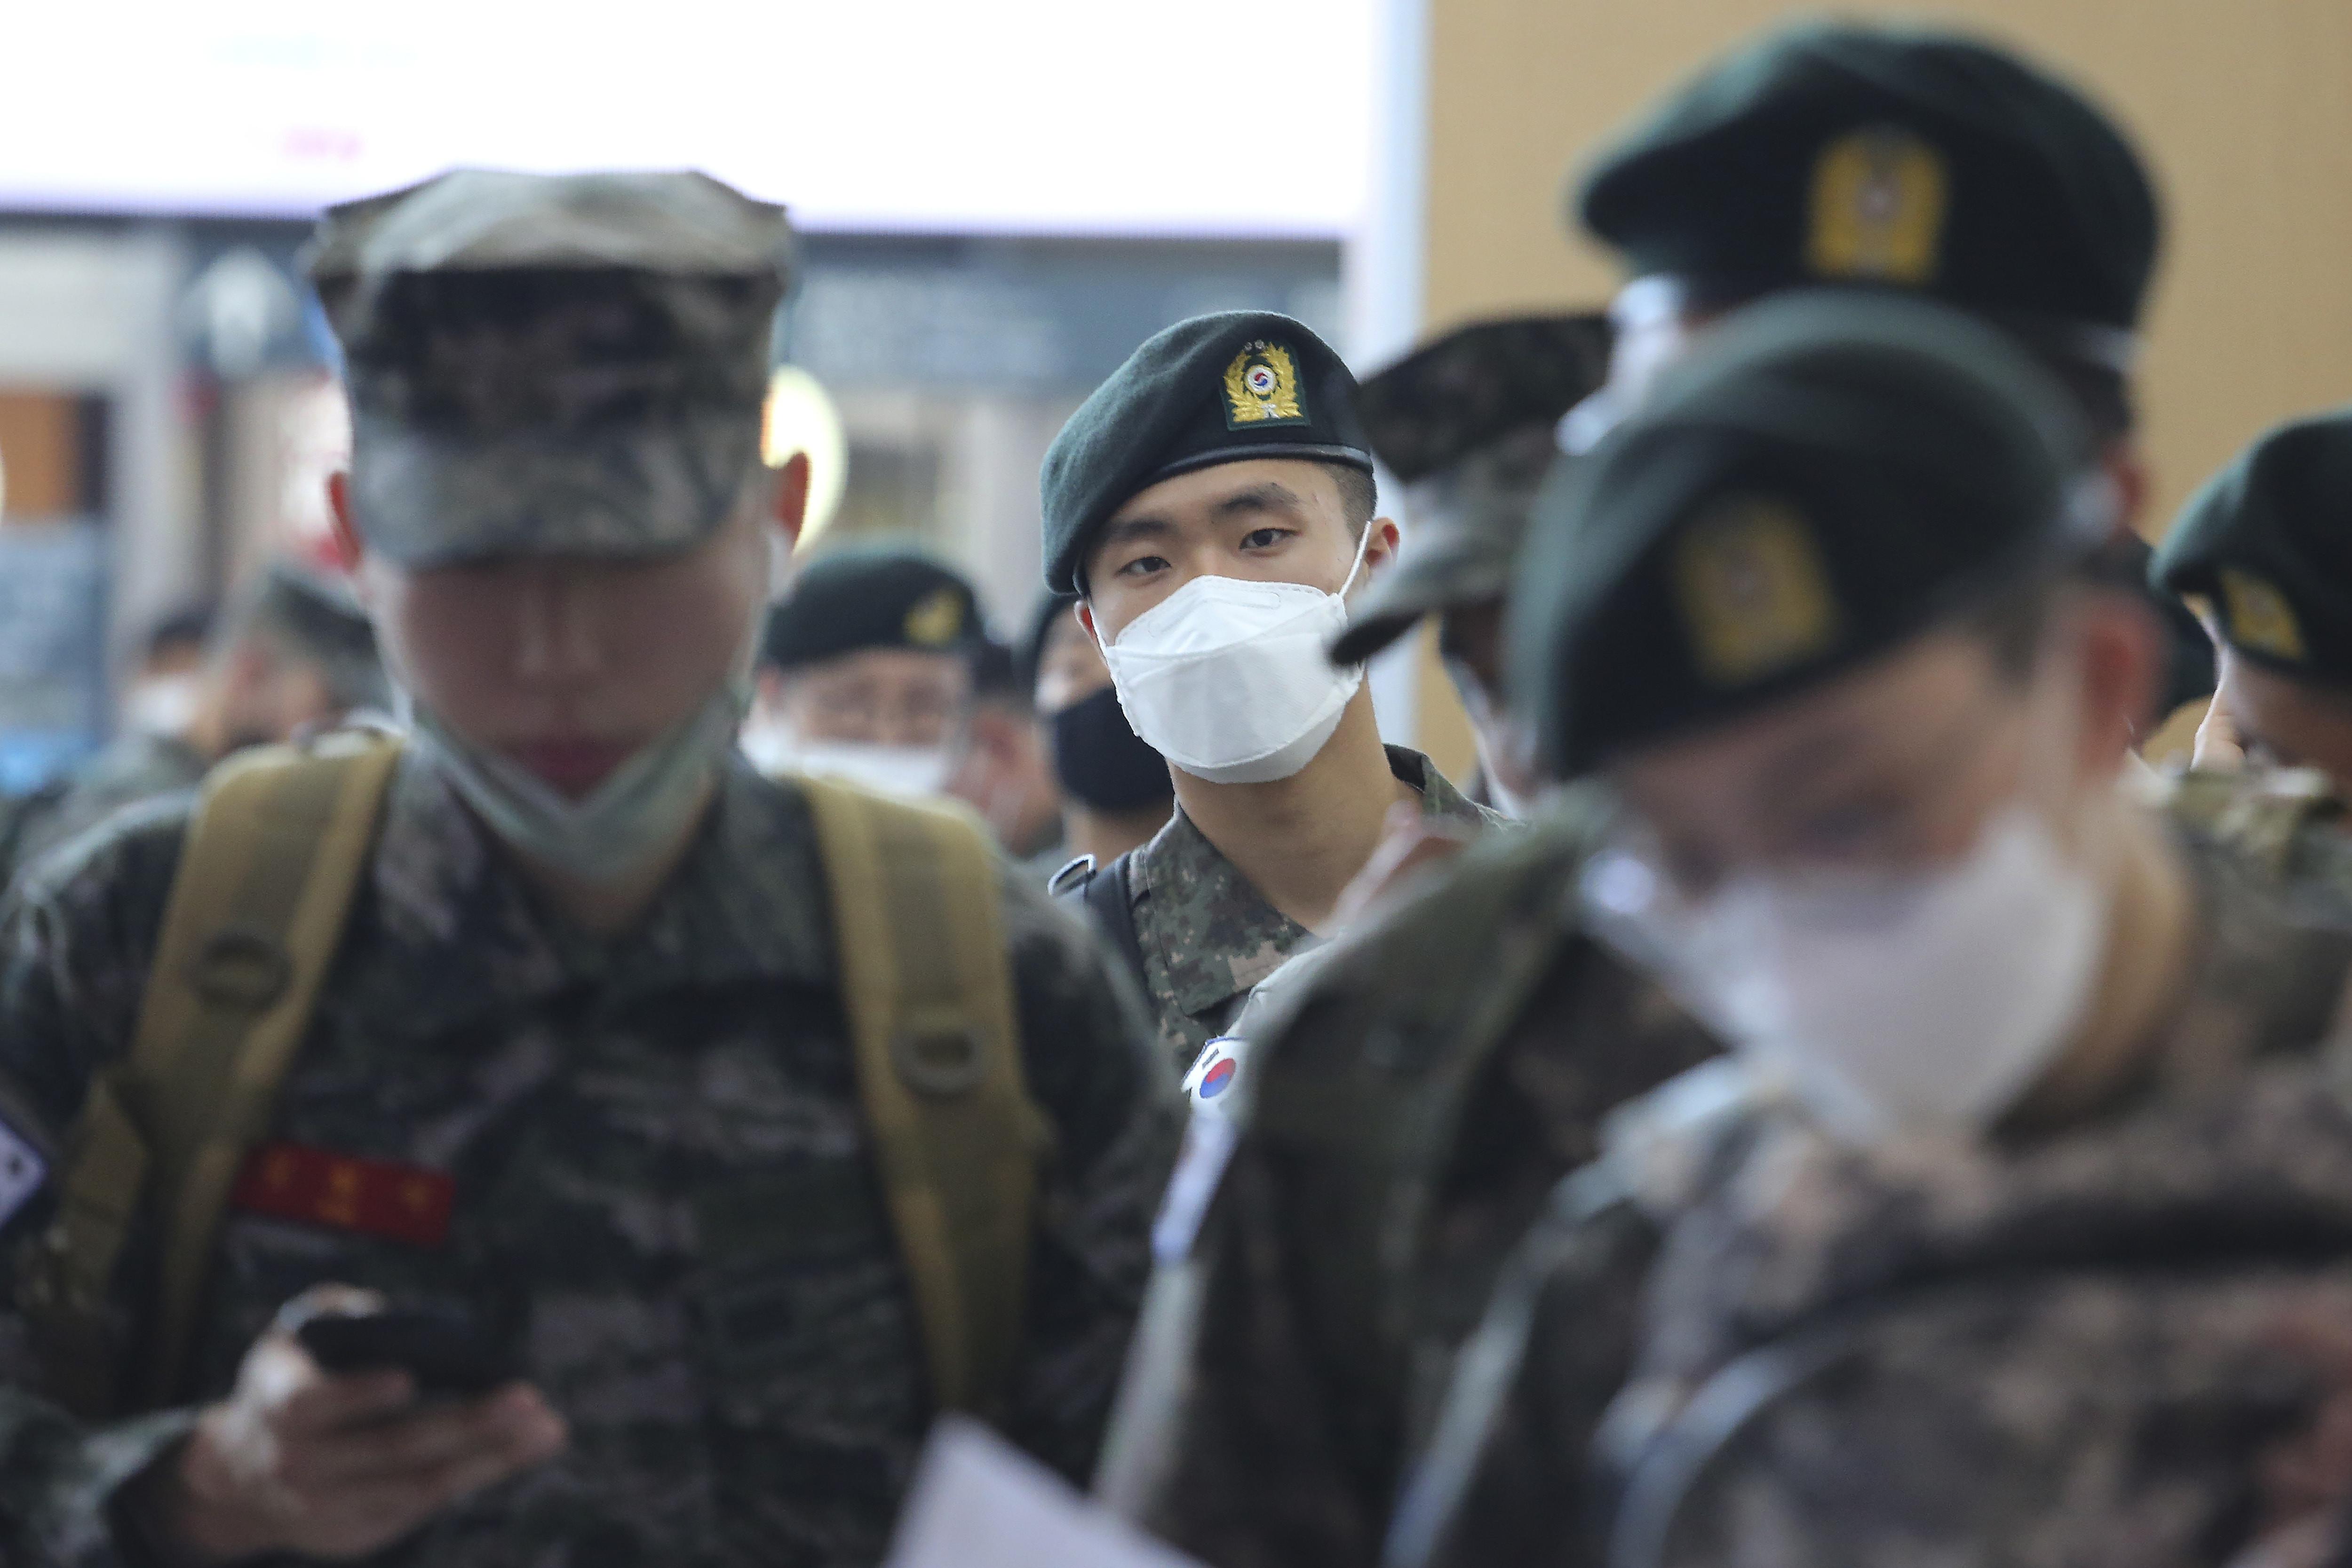 ▲▼南韓軍隊屢傳上級對下級的嚴重霸凌案。(圖/達志影像/美聯社)